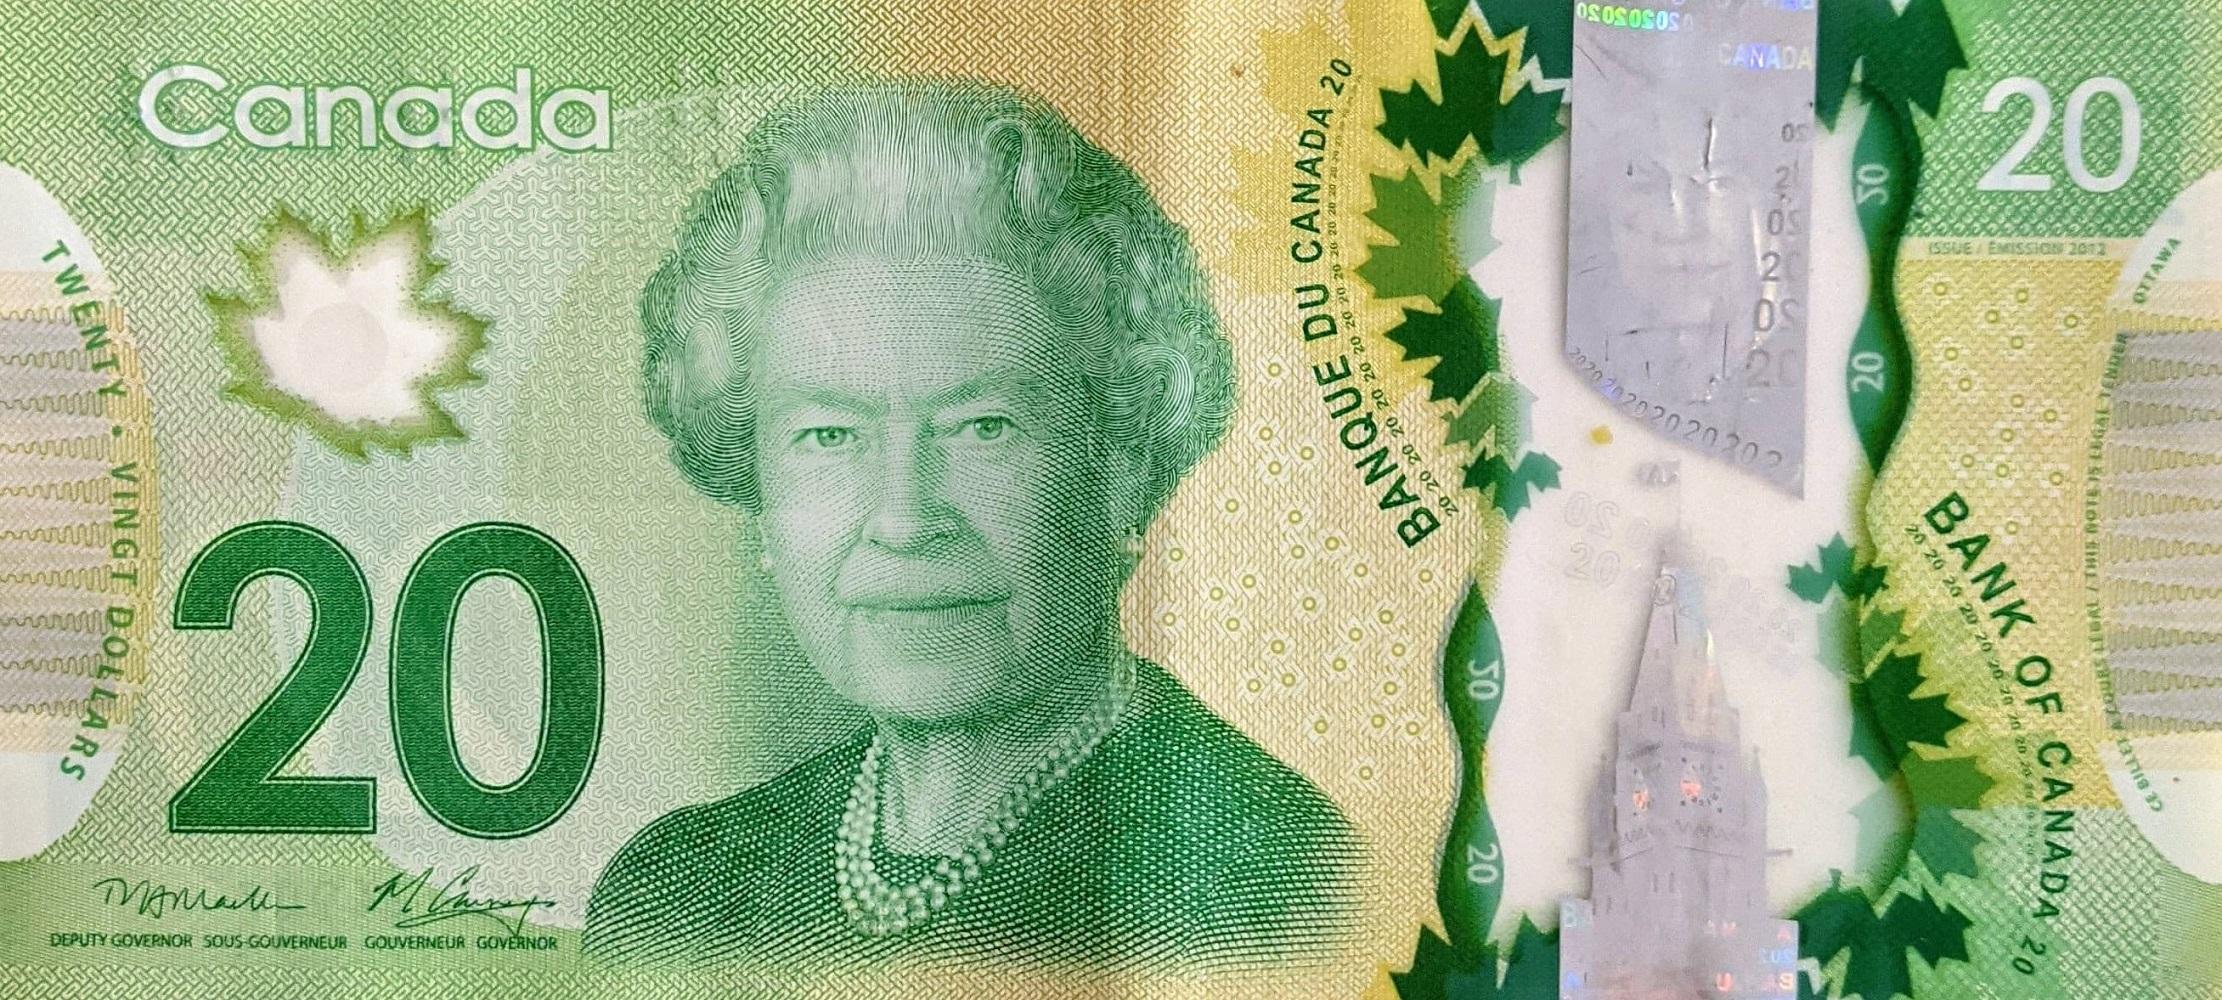 Canadian twenty dollar bill